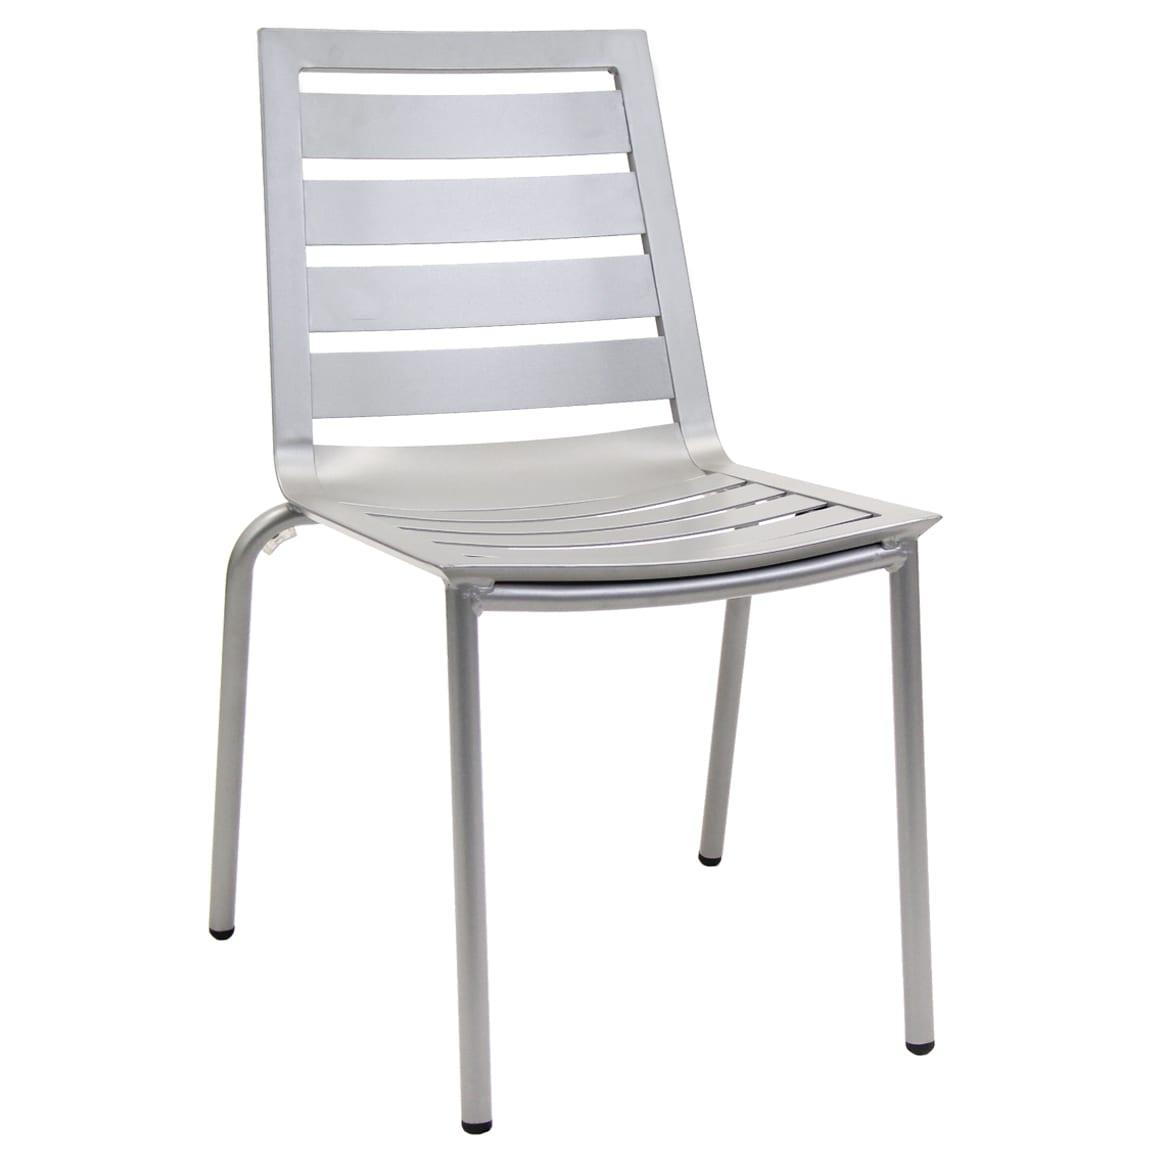 Leon Aluminum Chair